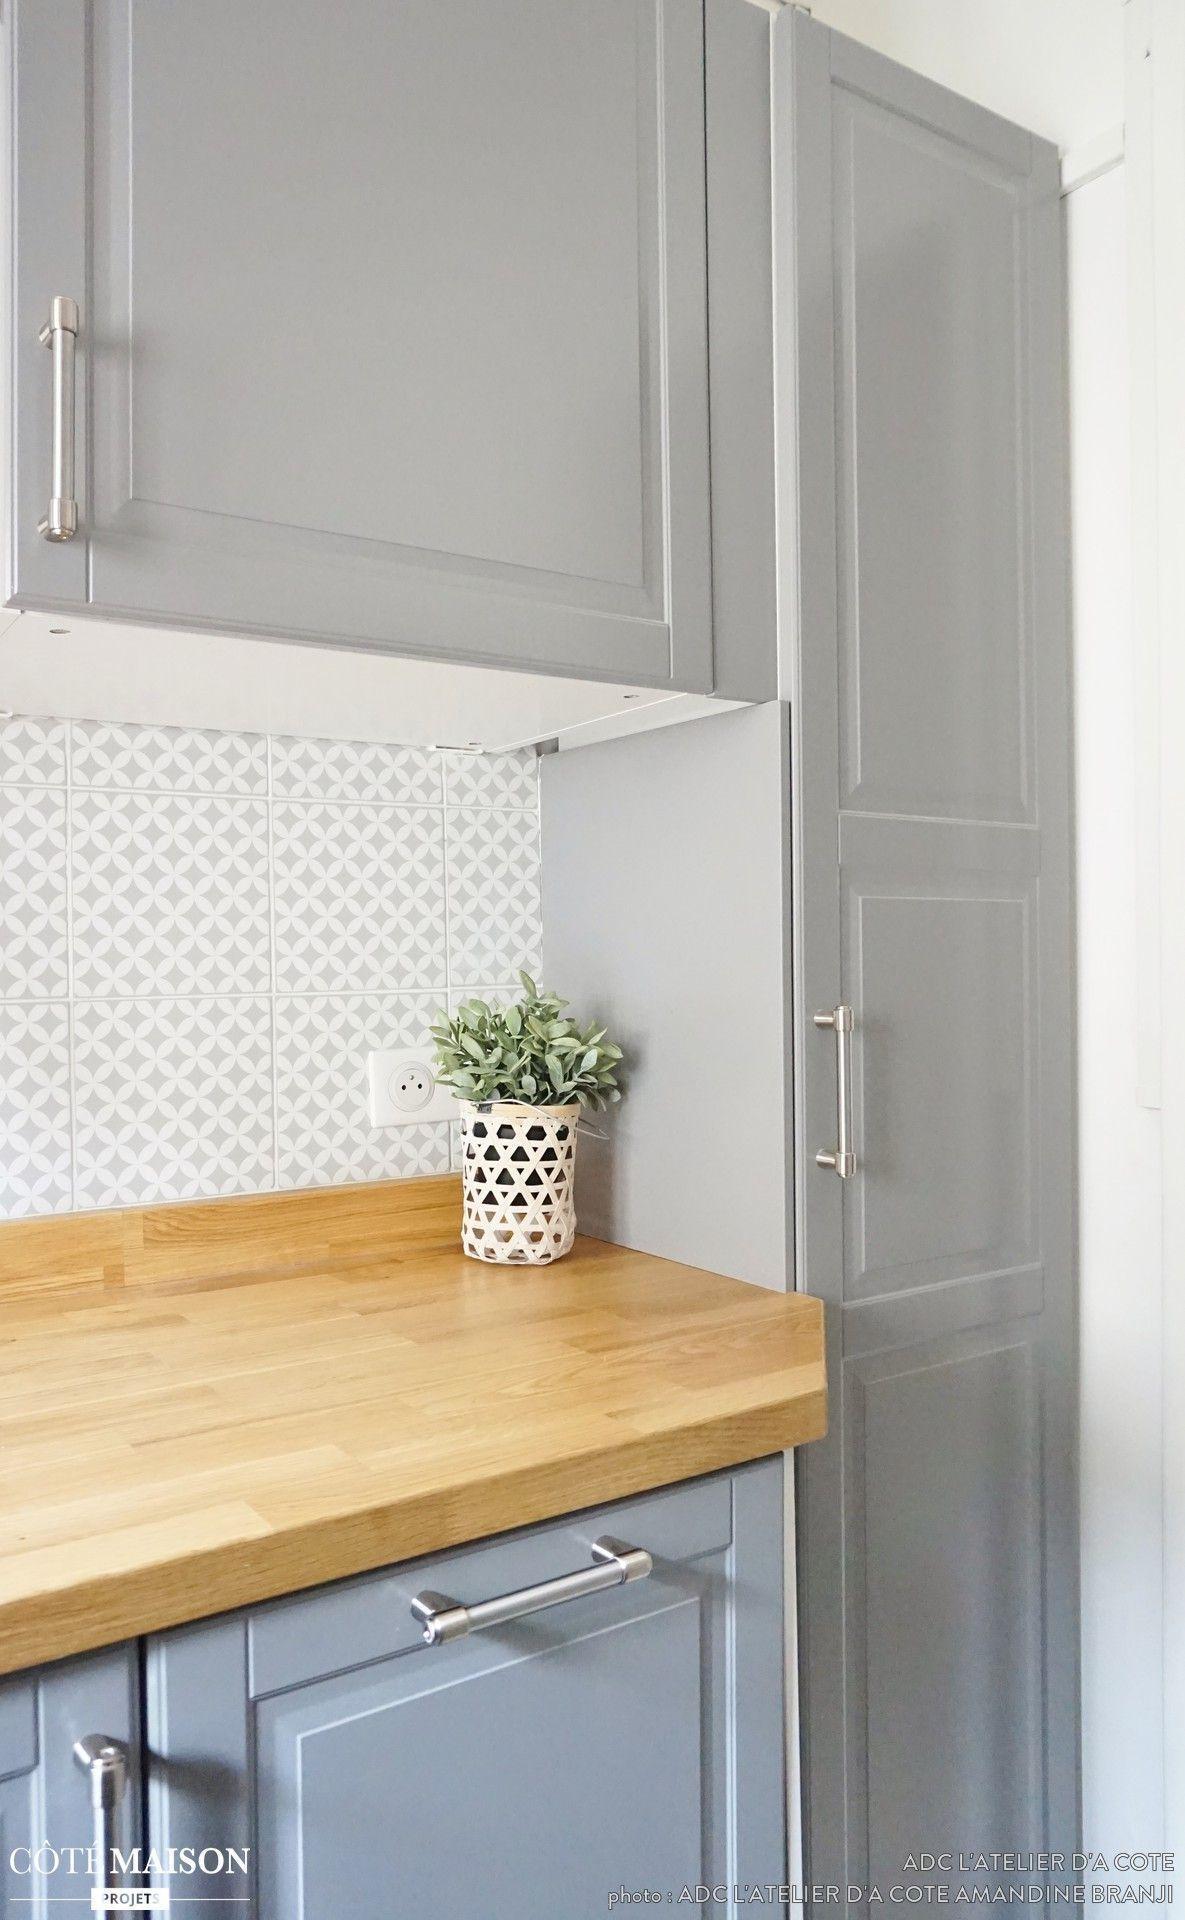 Une salle d'eau rose et une mini cuisine grise, ADC l'atelier d'à côté - Côté Maison #salled#39;eau Une salle d'eau rose et une mini cuisine grise, ADC l'atelier d'à côté - Côté Maison #salled#39;eau Une salle d'eau rose et une mini cuisine grise, ADC l'atelier d'à côté - Côté Maison #salled#39;eau Une salle d'eau rose et une mini cuisine grise, ADC l'atelier d'à côté - Côté Maison #salled#39;eau Une salle d'eau rose et une mini cuisine grise, ADC l'atelier d'à côté - Côt #salled#39;eau